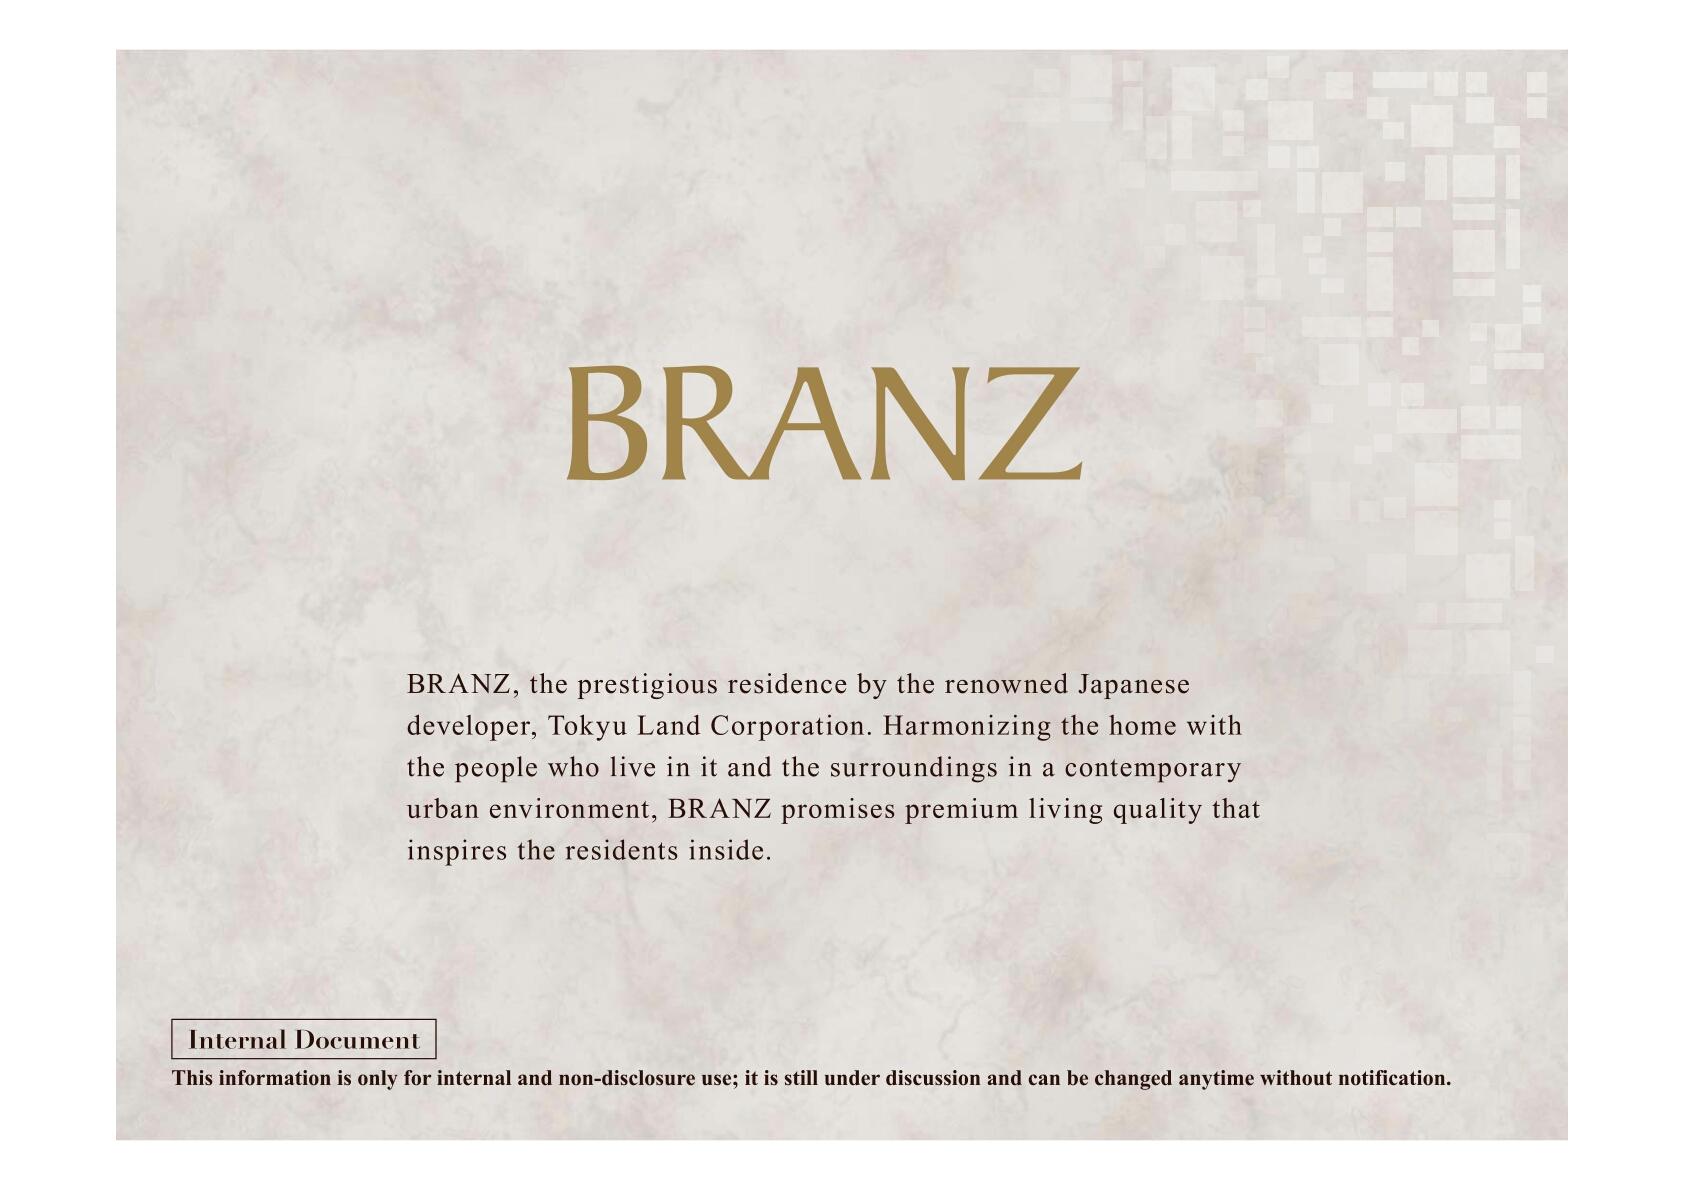 branz-mega-kuningan